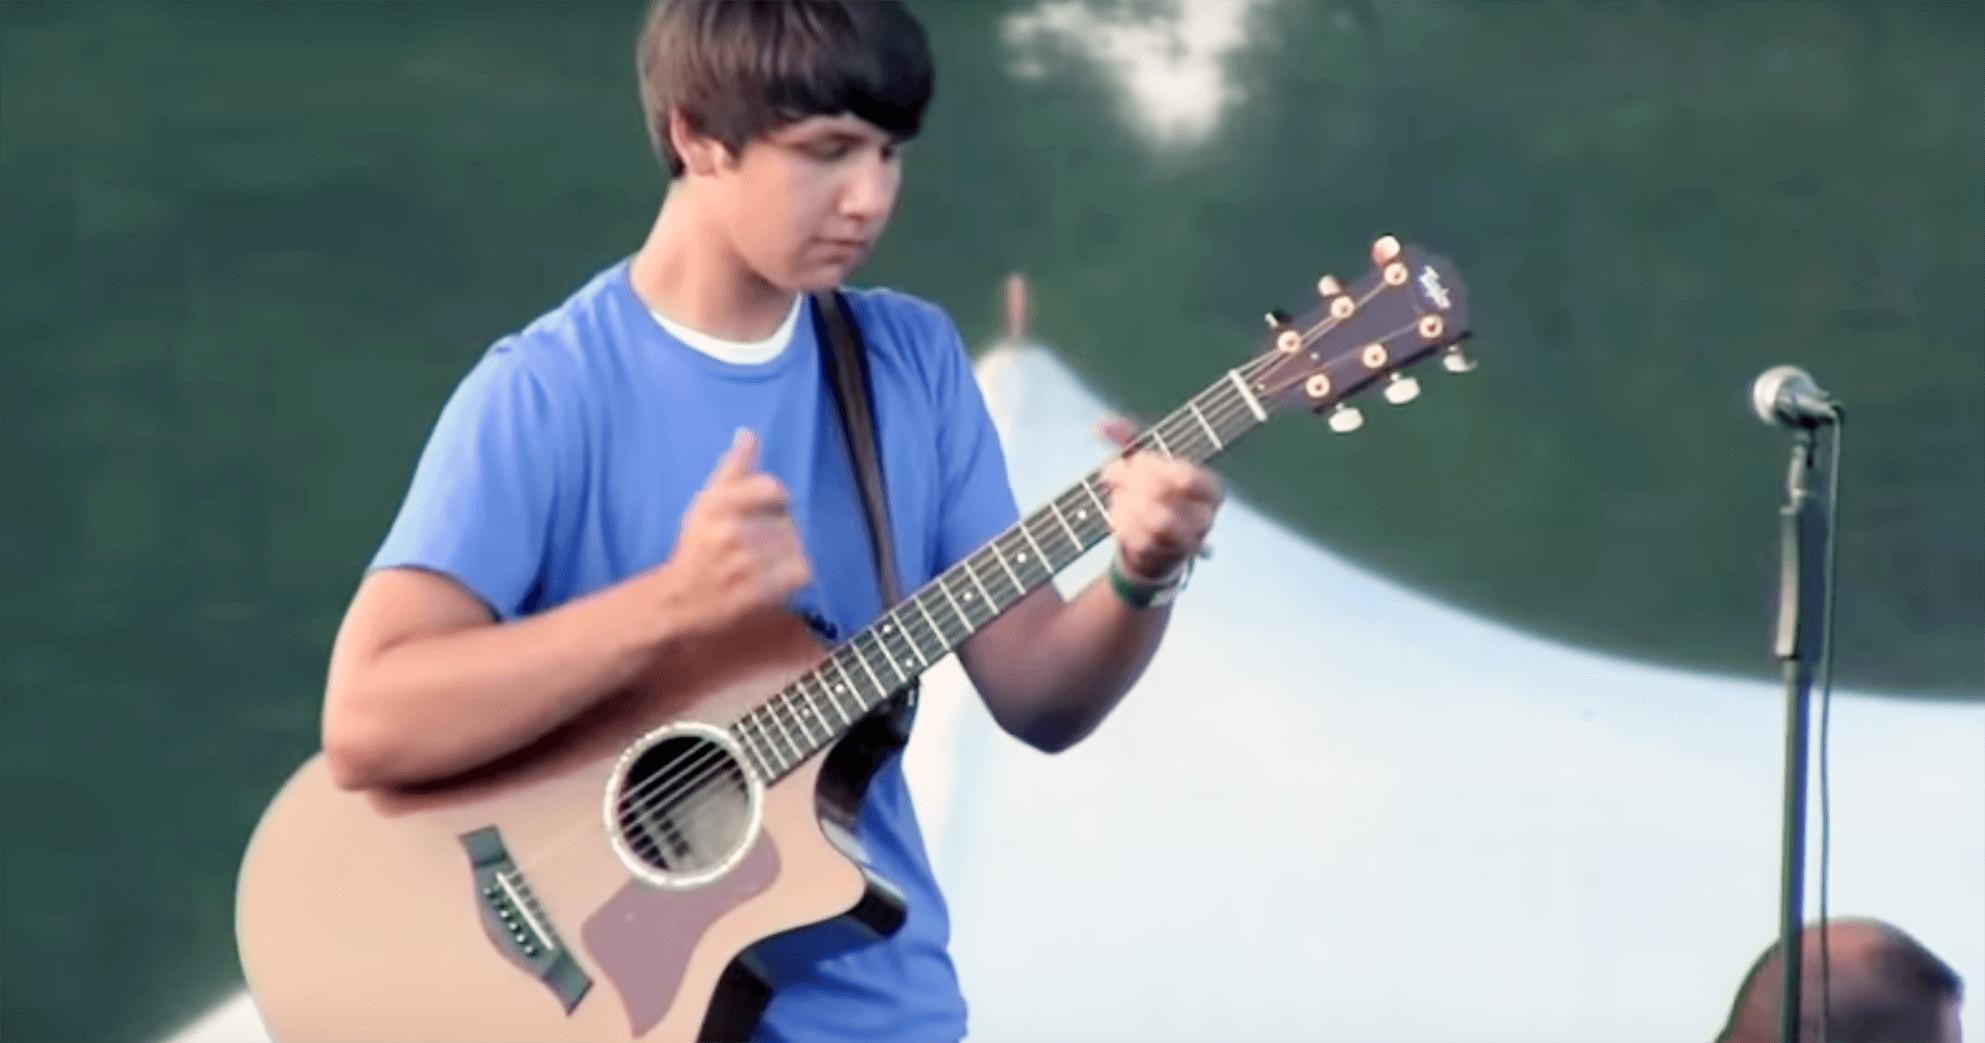 ギャップに惚れ惚れ!15歳のギター少年が可愛い笑顔で超絶テクニックを披露